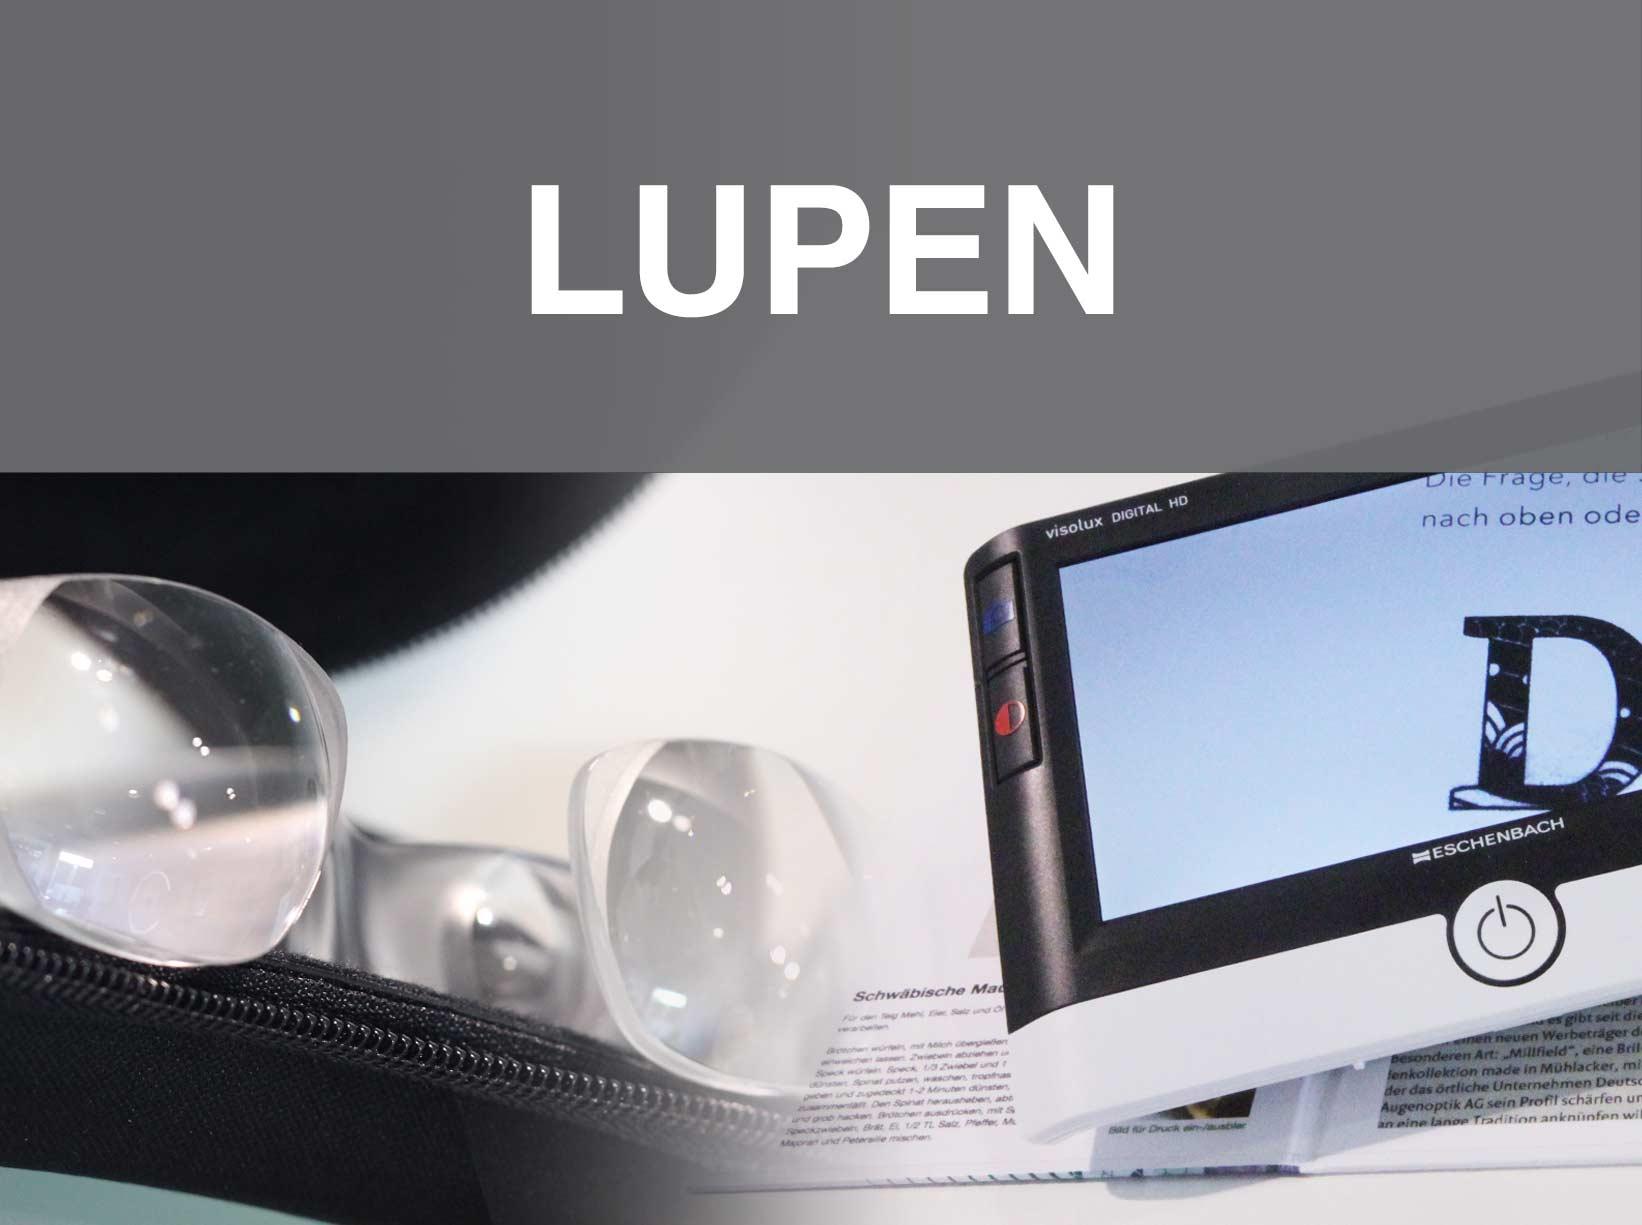 Lupen und Lesehilfen bei Optik Lohfelden